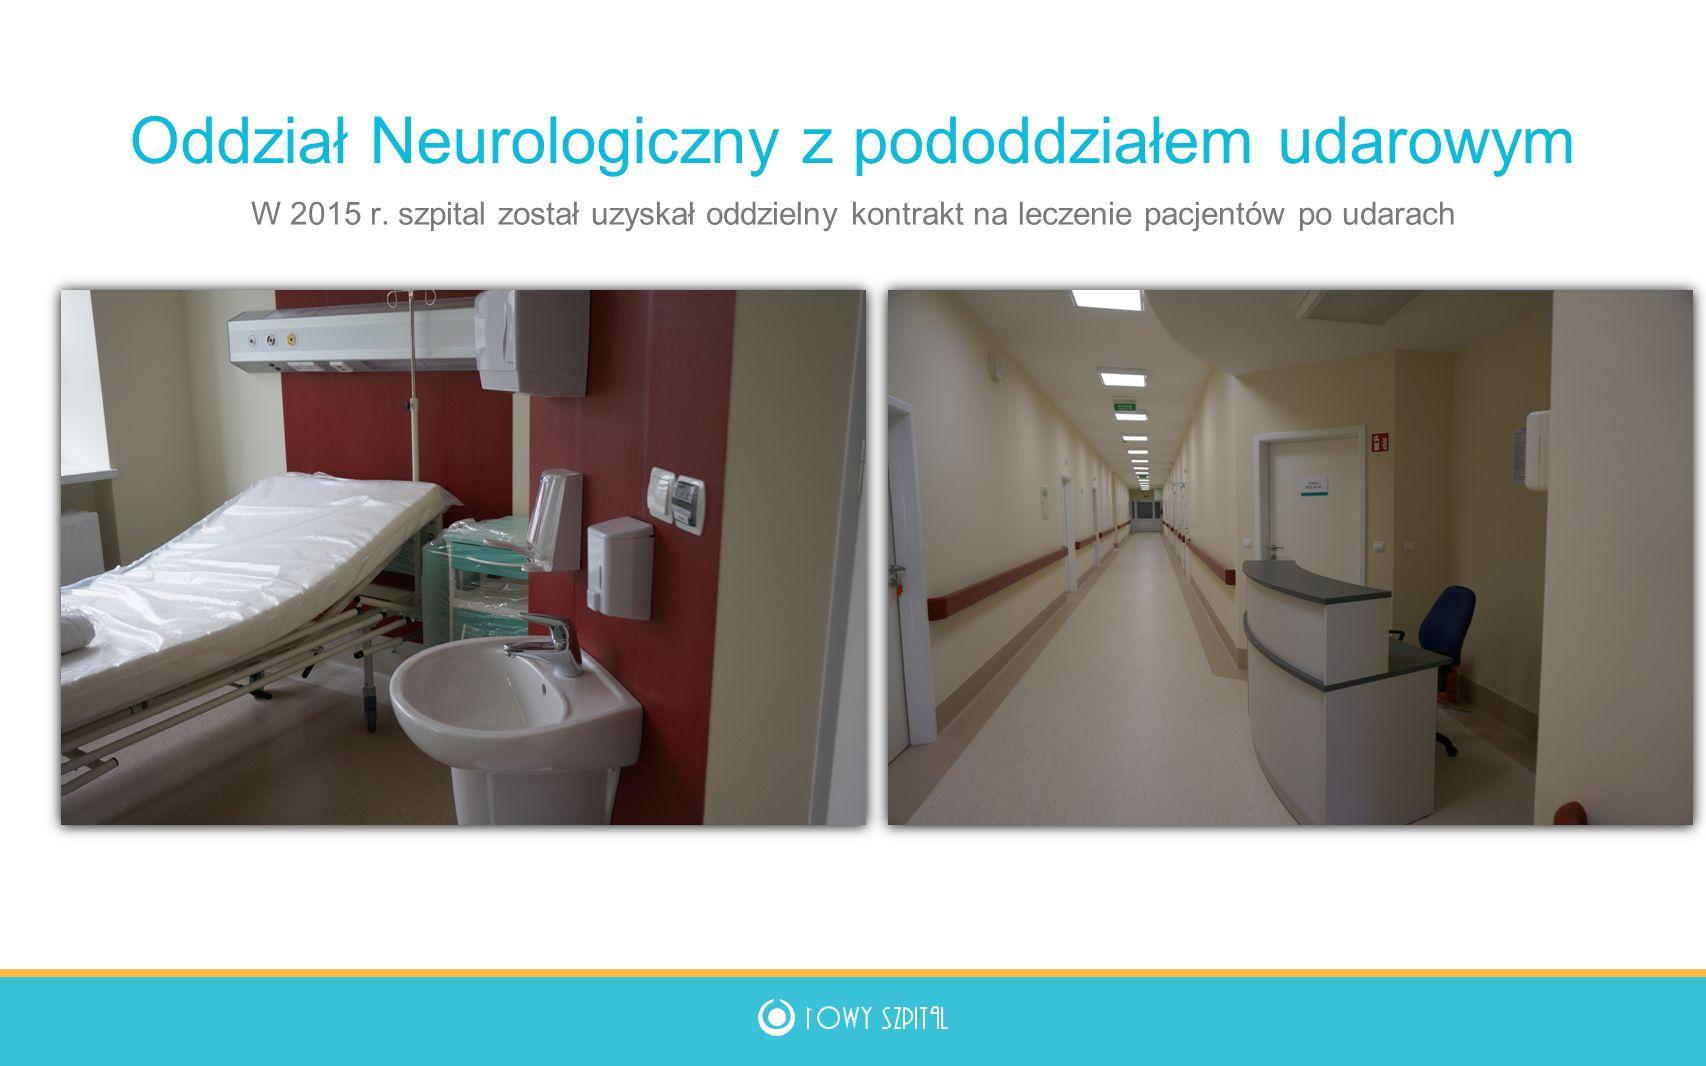 Nowe poradnie specjalistyczne Od 2011 utworzono poradnie: schorzeń sutka, konsultacyjną dla noworodków reumatologiczną (Skalska), proktologiczną medycyny sportowej nefrologiczna gastroenterologiczna USG Doppler-Duplex pracownia EEG badania kandydatów na kierowców psychologiczna nocną i świąteczną pomoc lekarską 2010 13 poradni 2015 25 poradni W 2011 r.